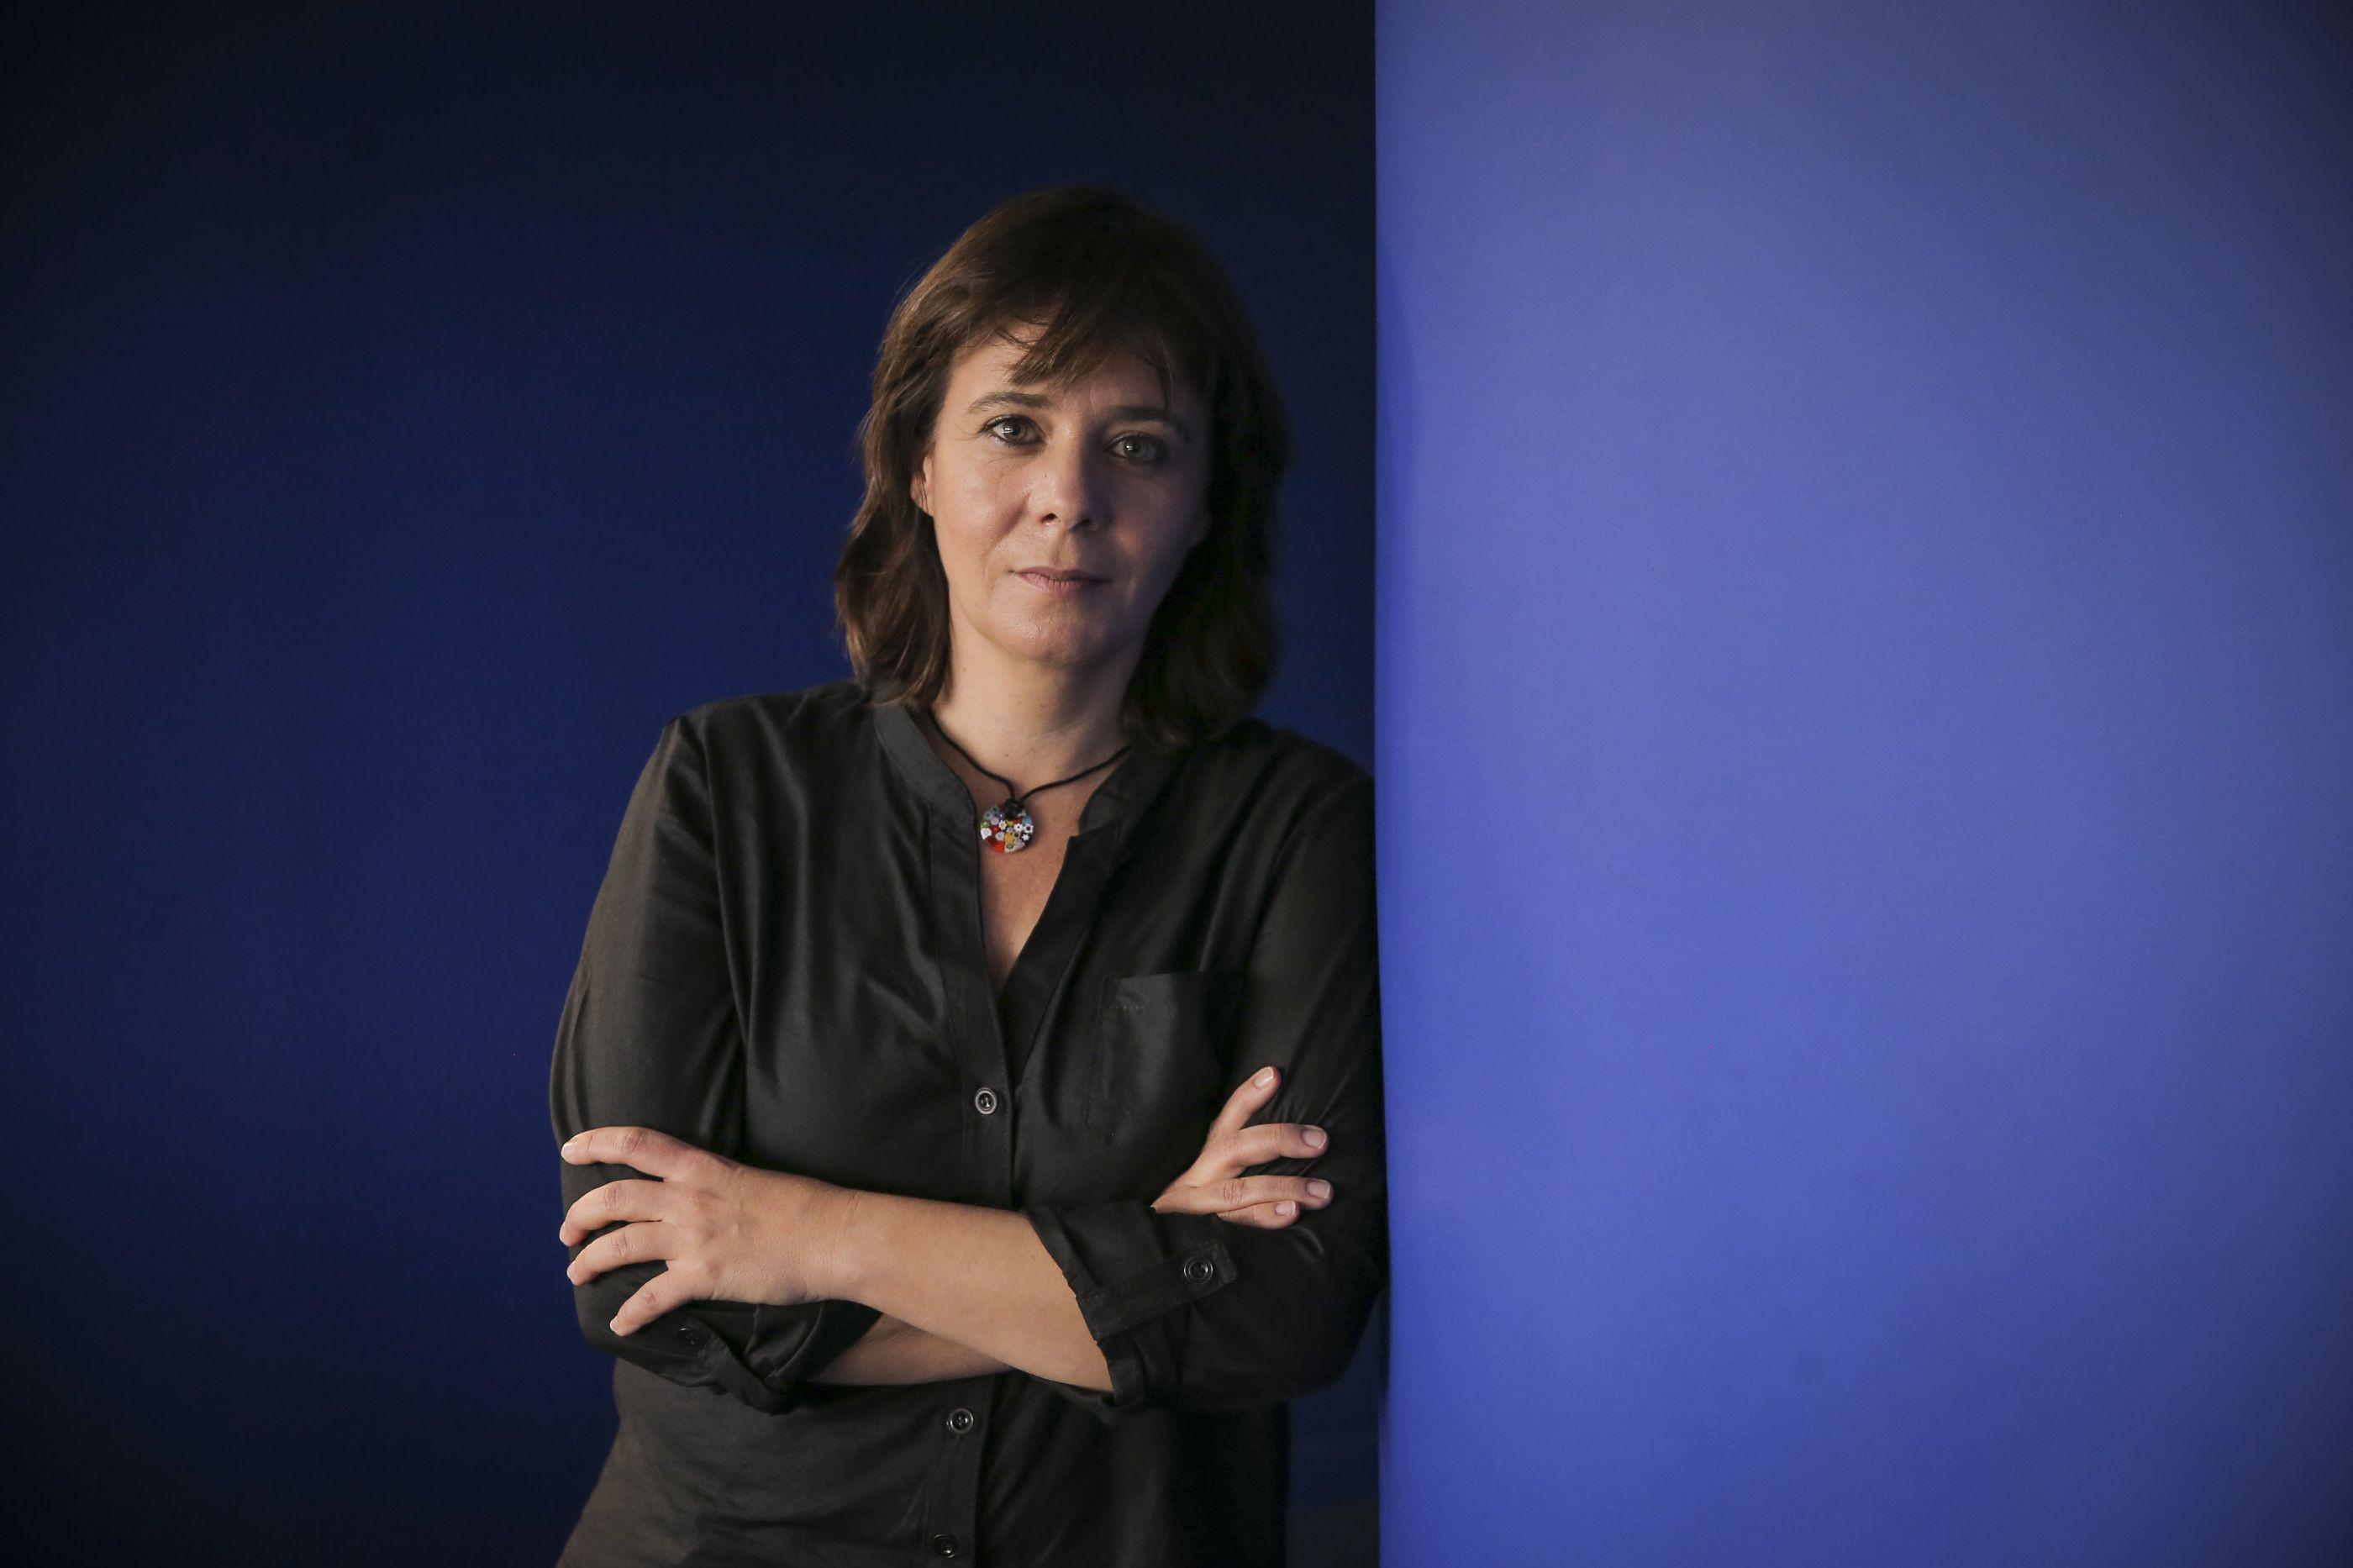 Catarina Martins encerra convenção com novo ciclo político no discurso